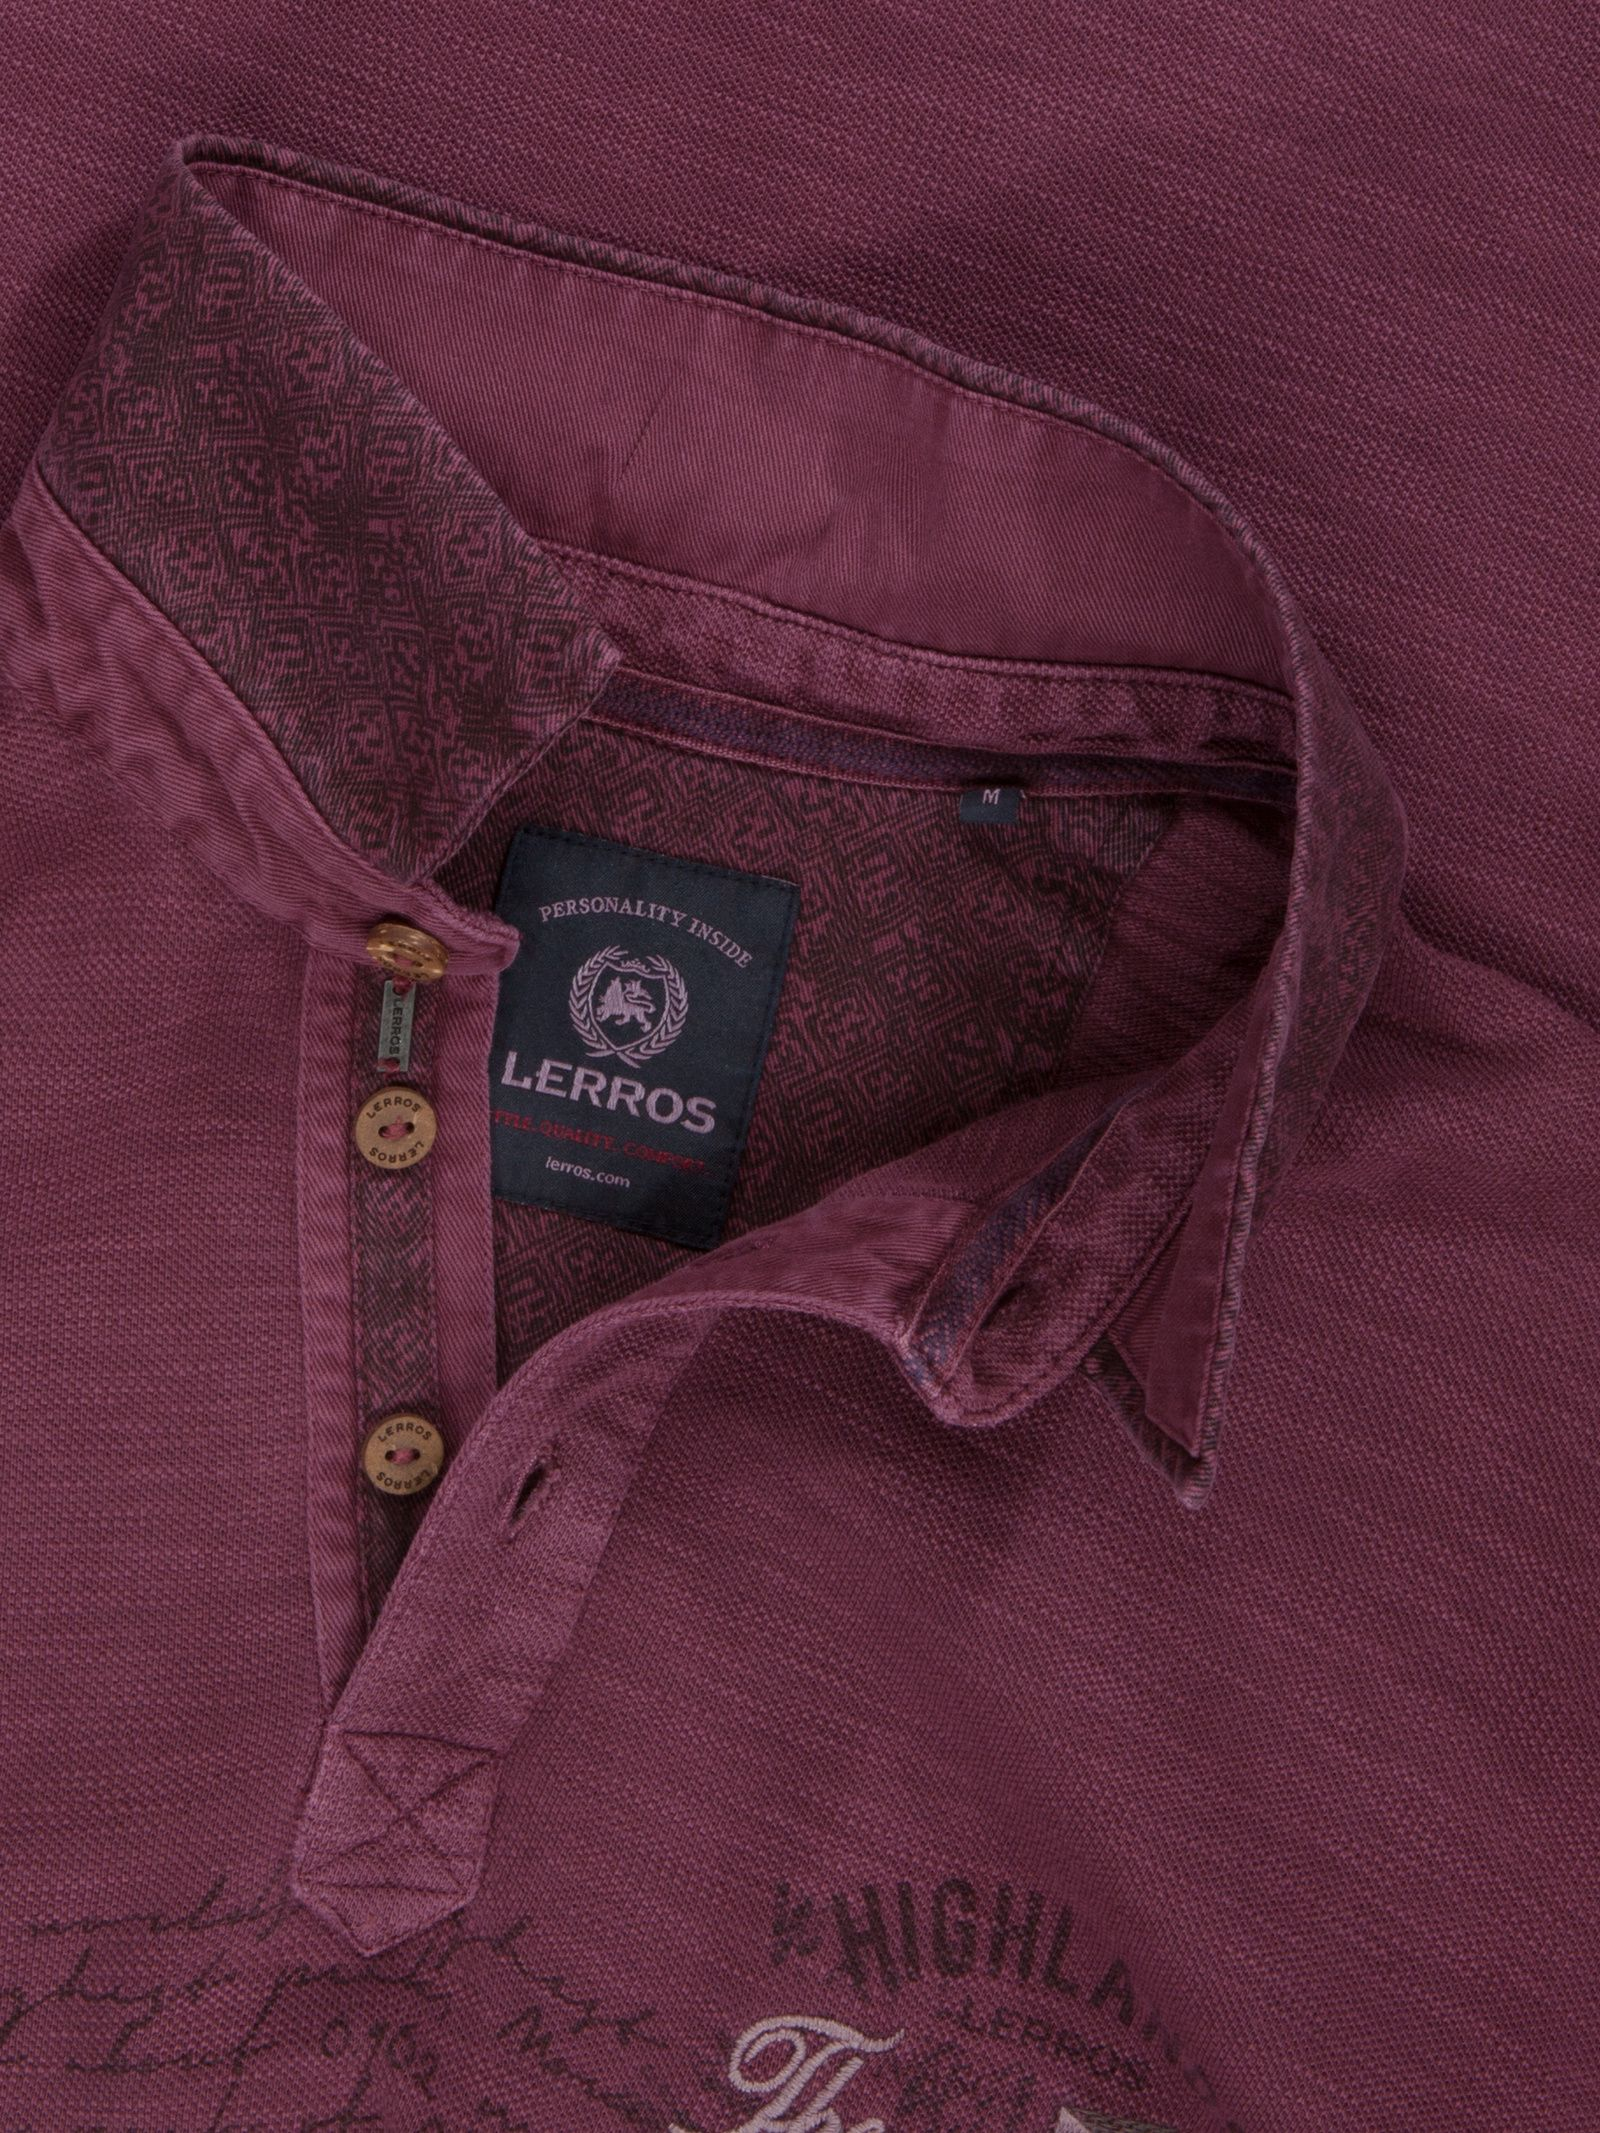 Lerros sweat shirt Polo vintage avec la Bourgogne broderies